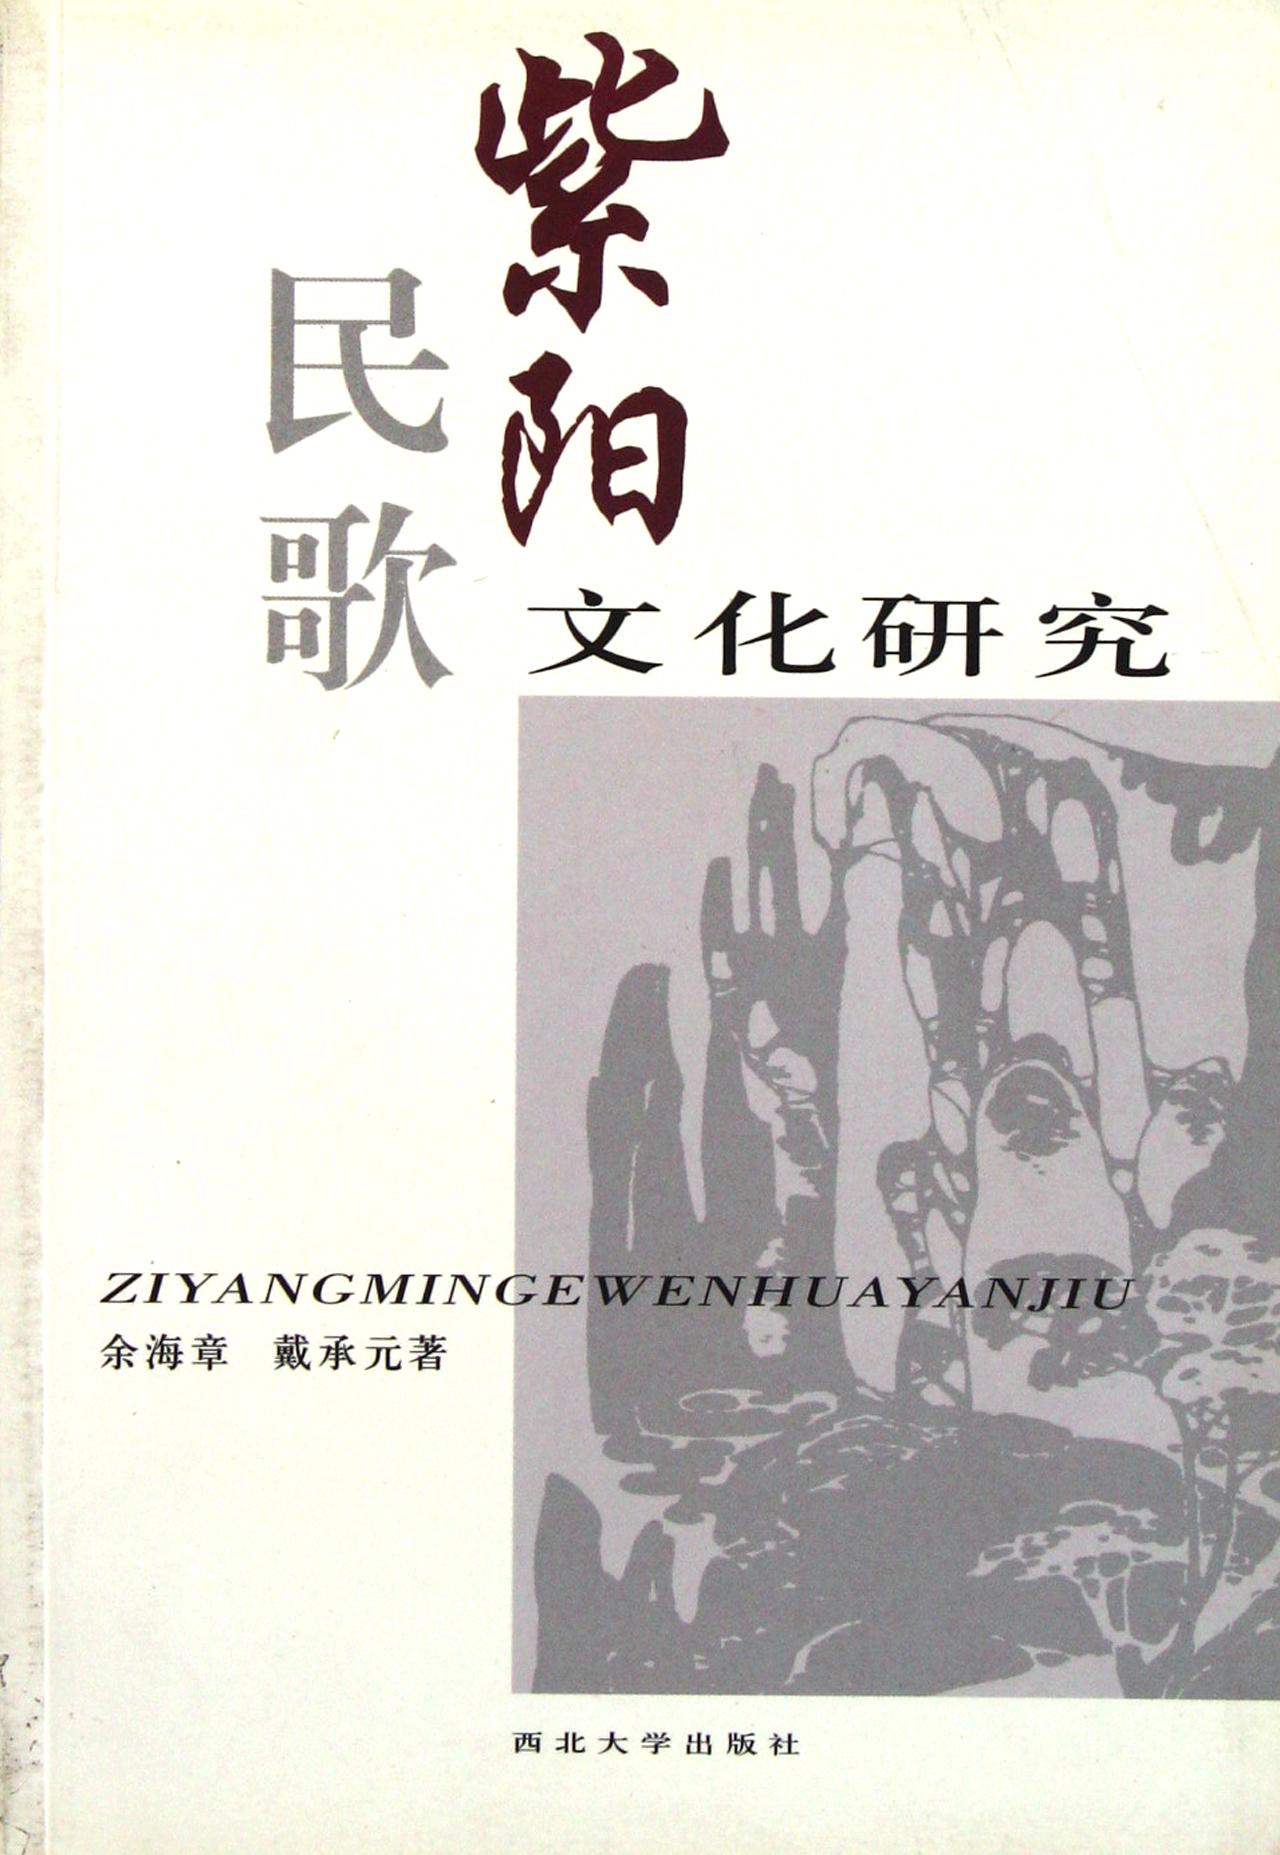 紫陽民歌文化研究